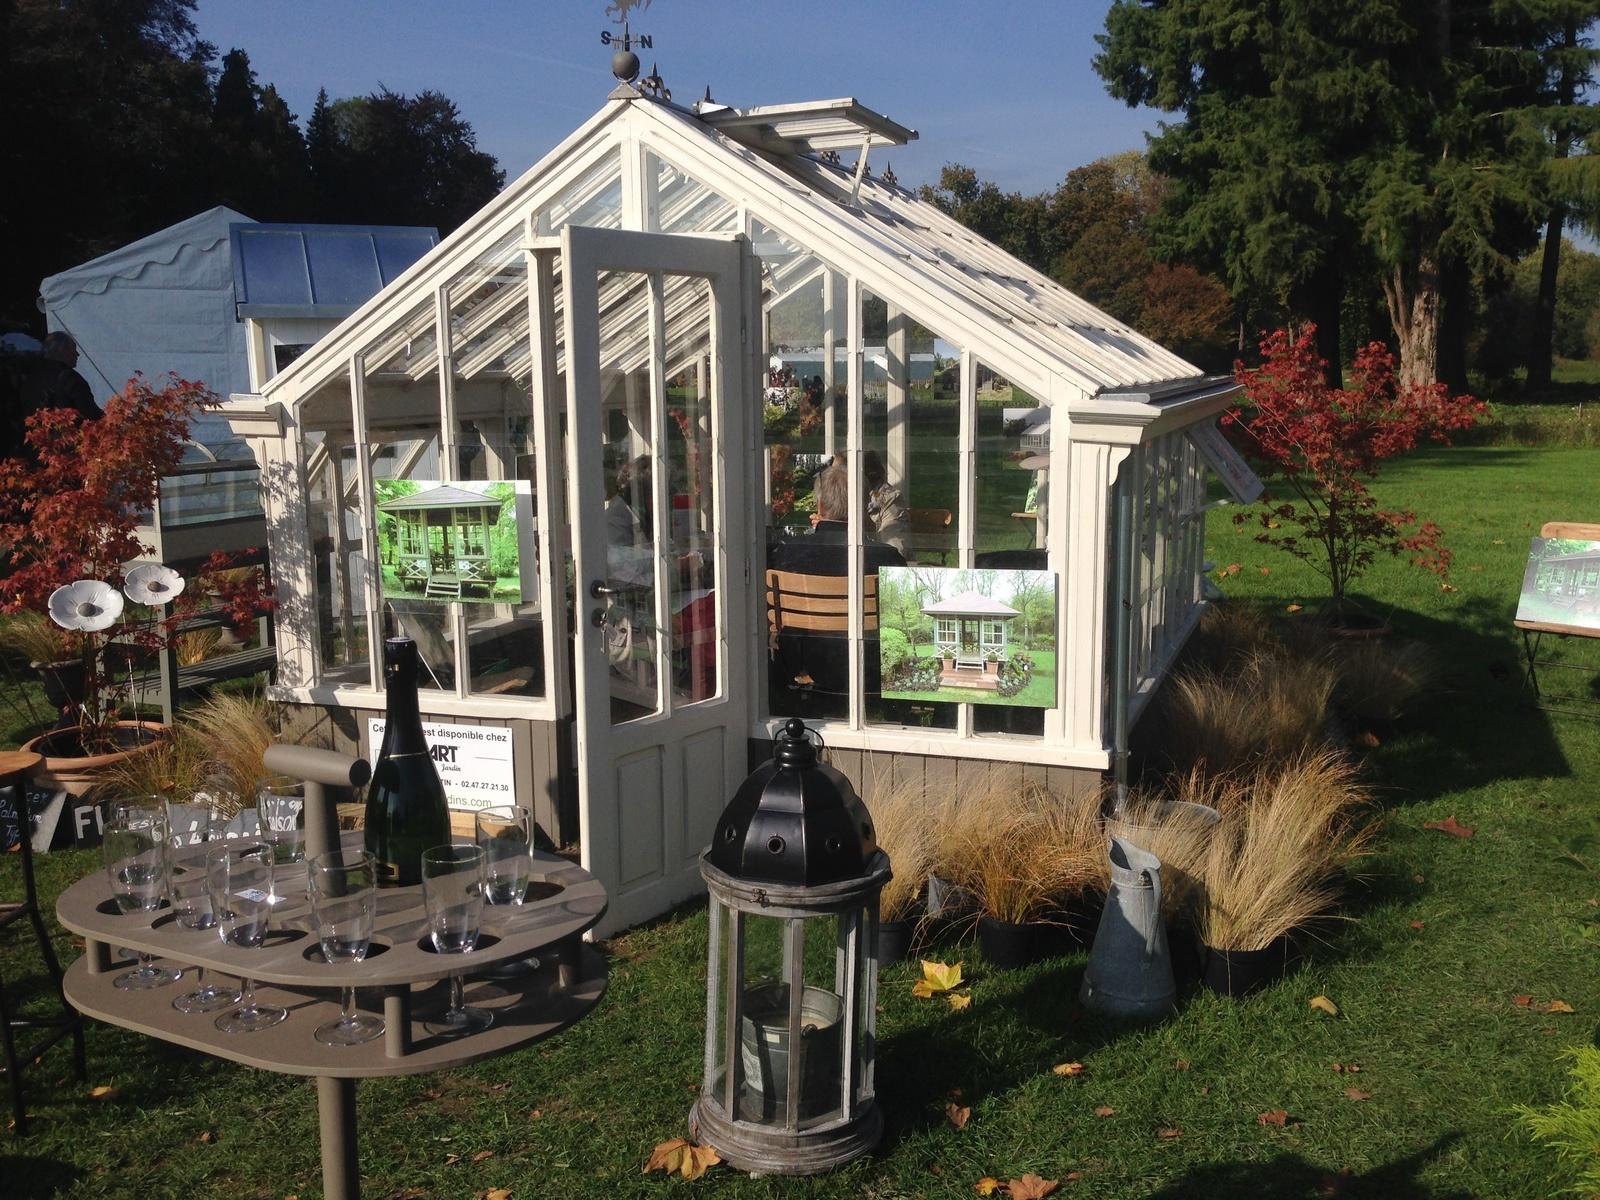 Une Serre Pour Les Semis Du Seeds Of Love - Jardins Merveilleux à Exposition Serre De Jardin